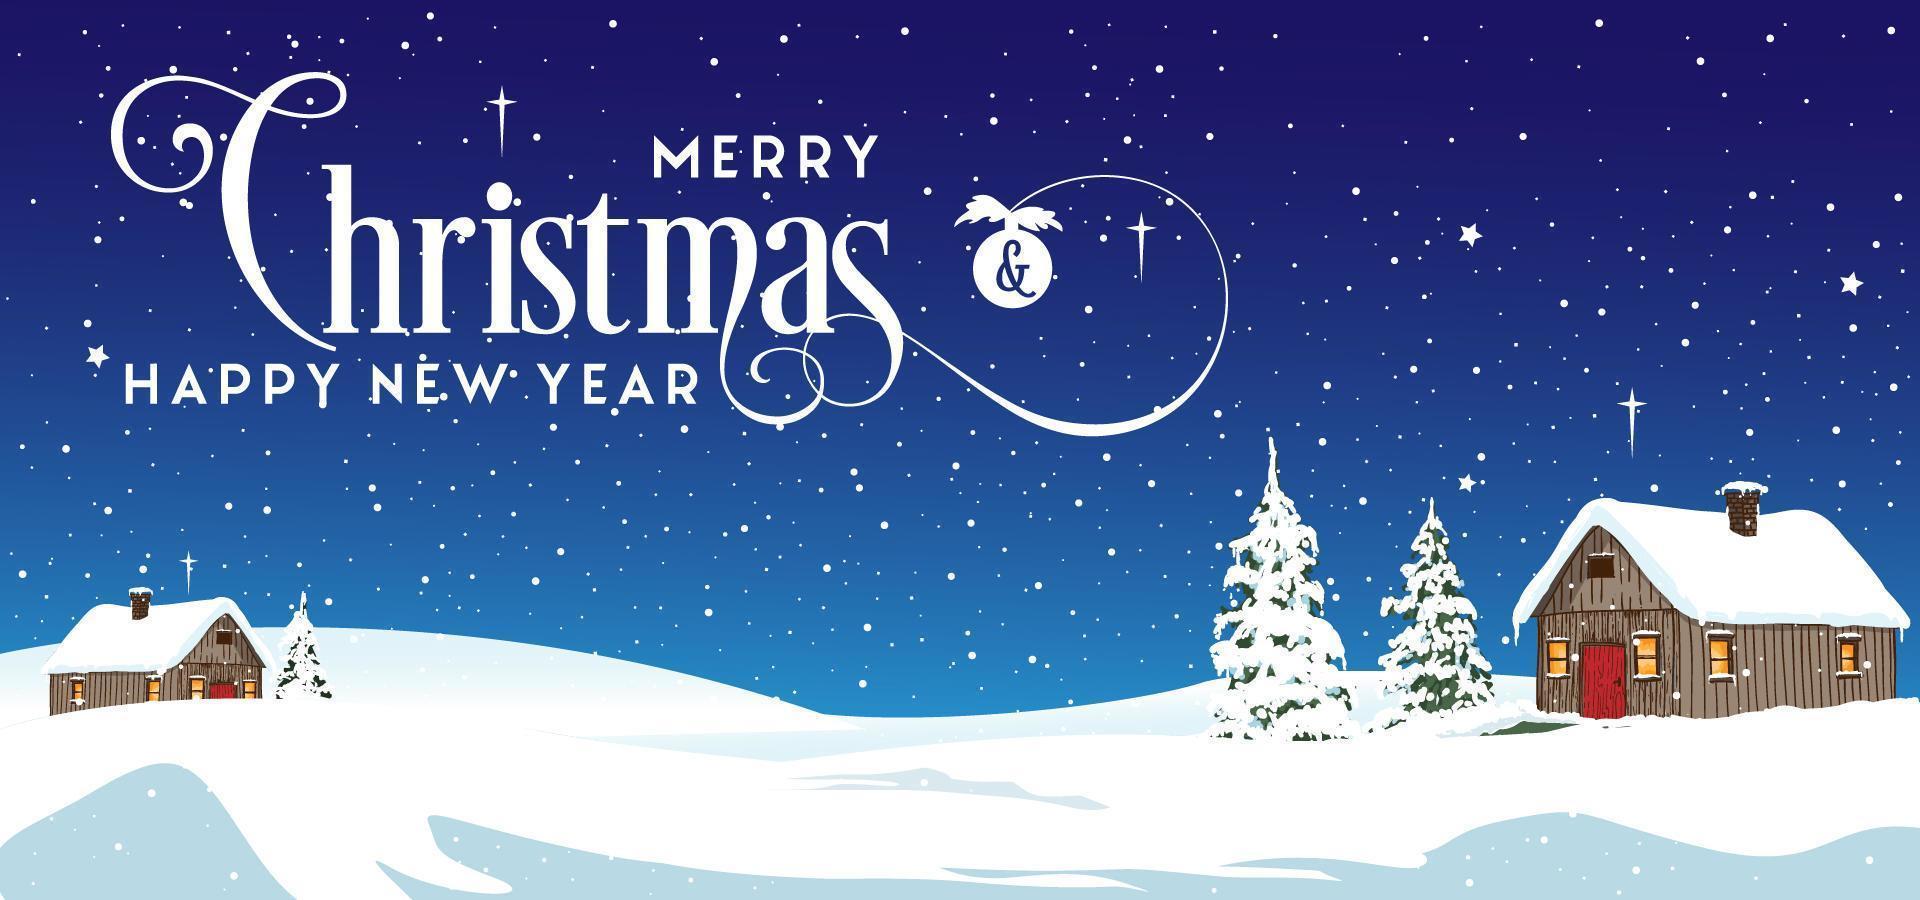 casas de navidad paisaje de invierno vector